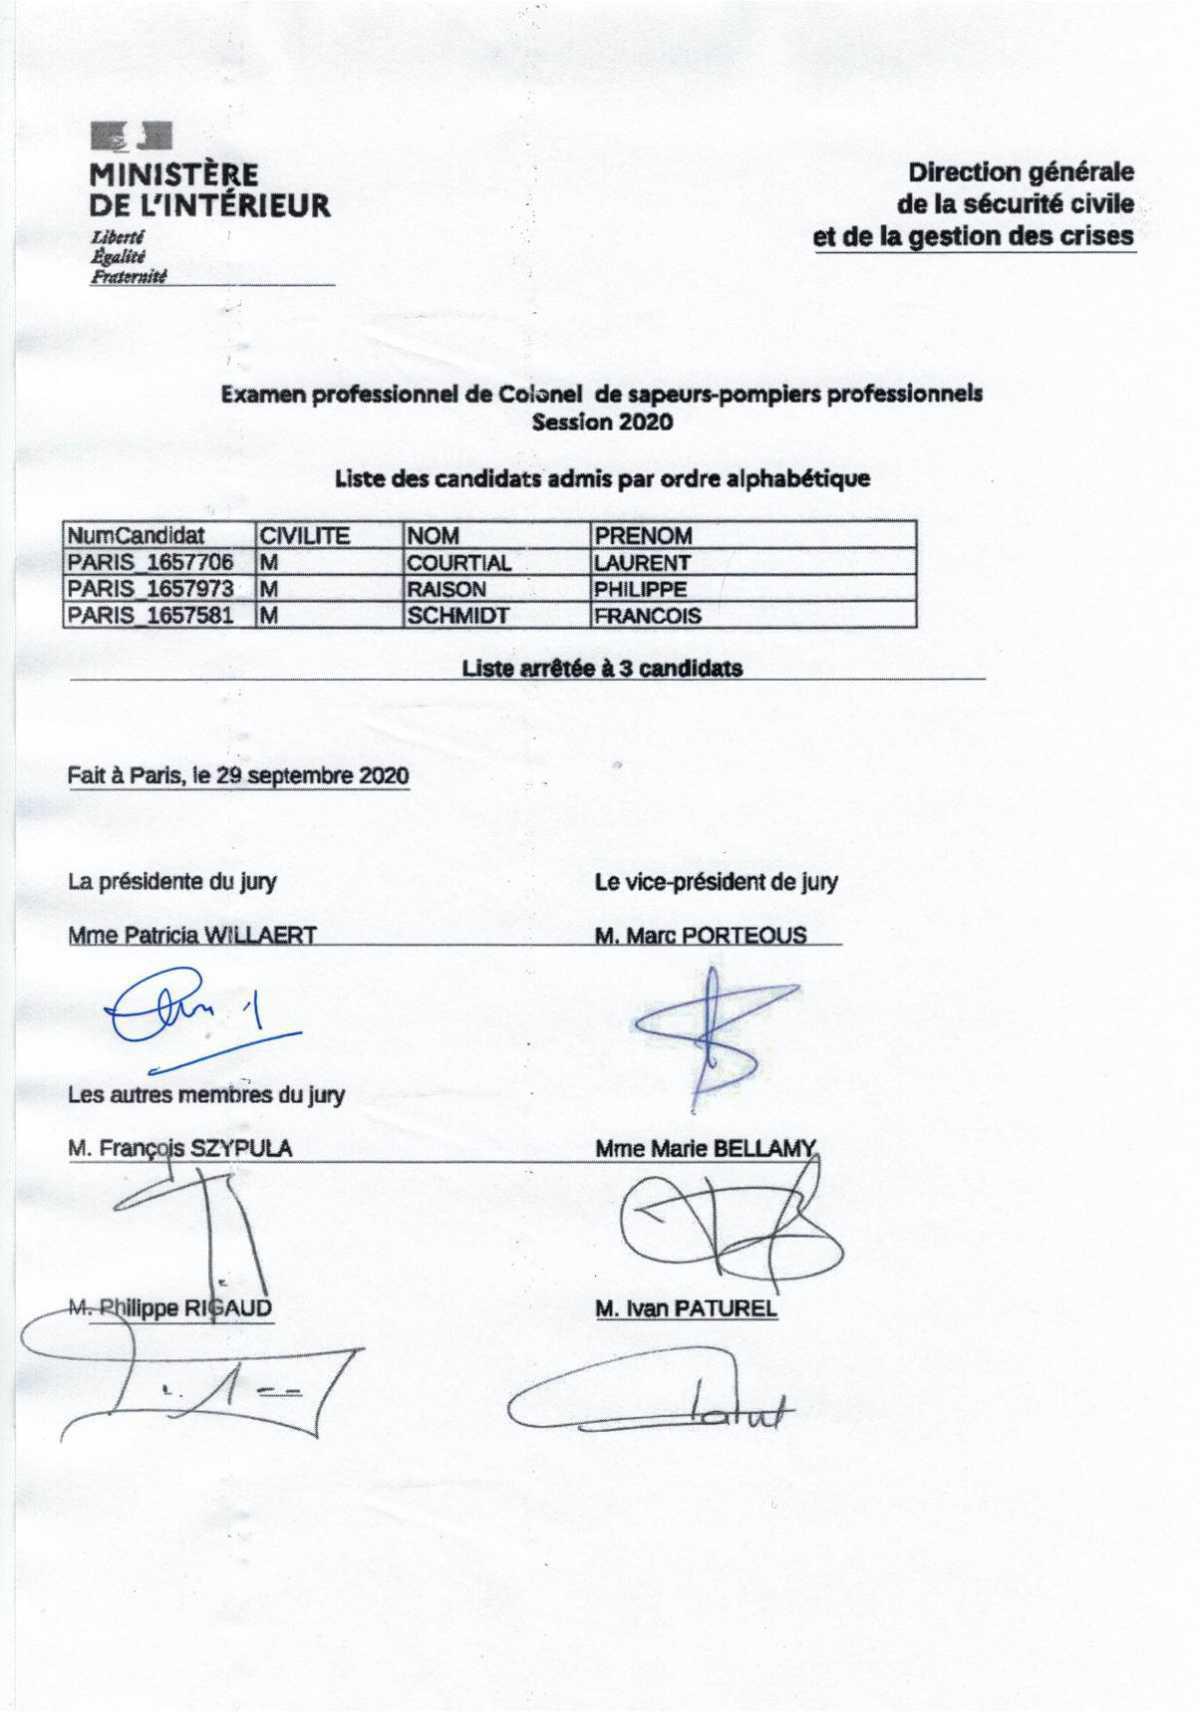 📄👩🚒🚒Liste des candidats admis à l'examen professionnel de colonel SPP